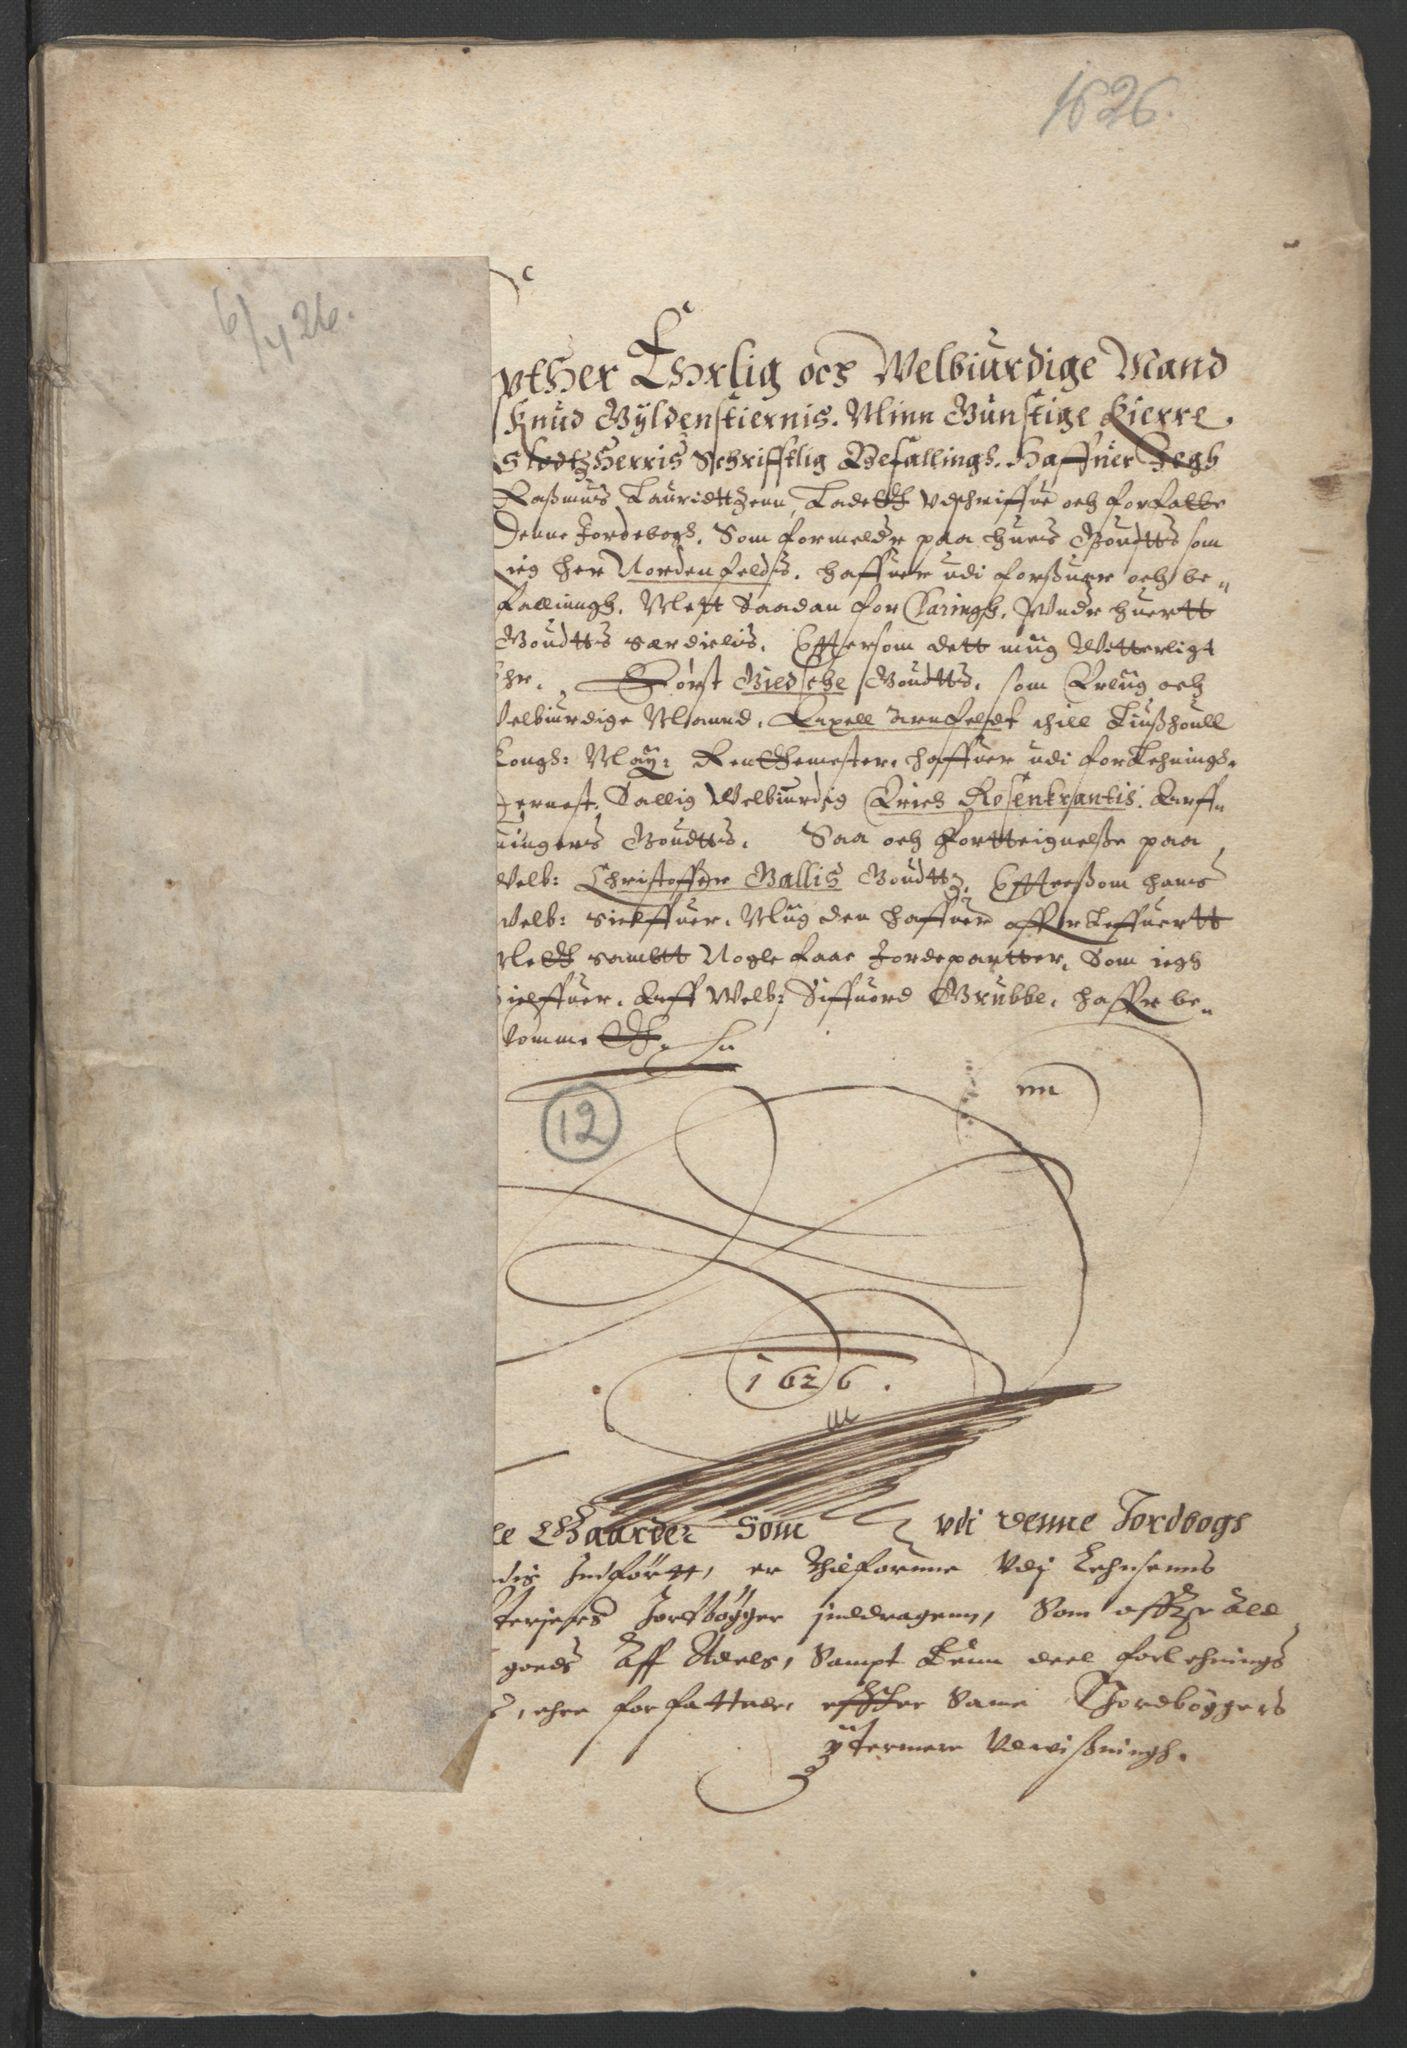 RA, Stattholderembetet 1572-1771, Ek/L0005: Jordebøker til utlikning av garnisonsskatt 1624-1626:, 1626, s. 231